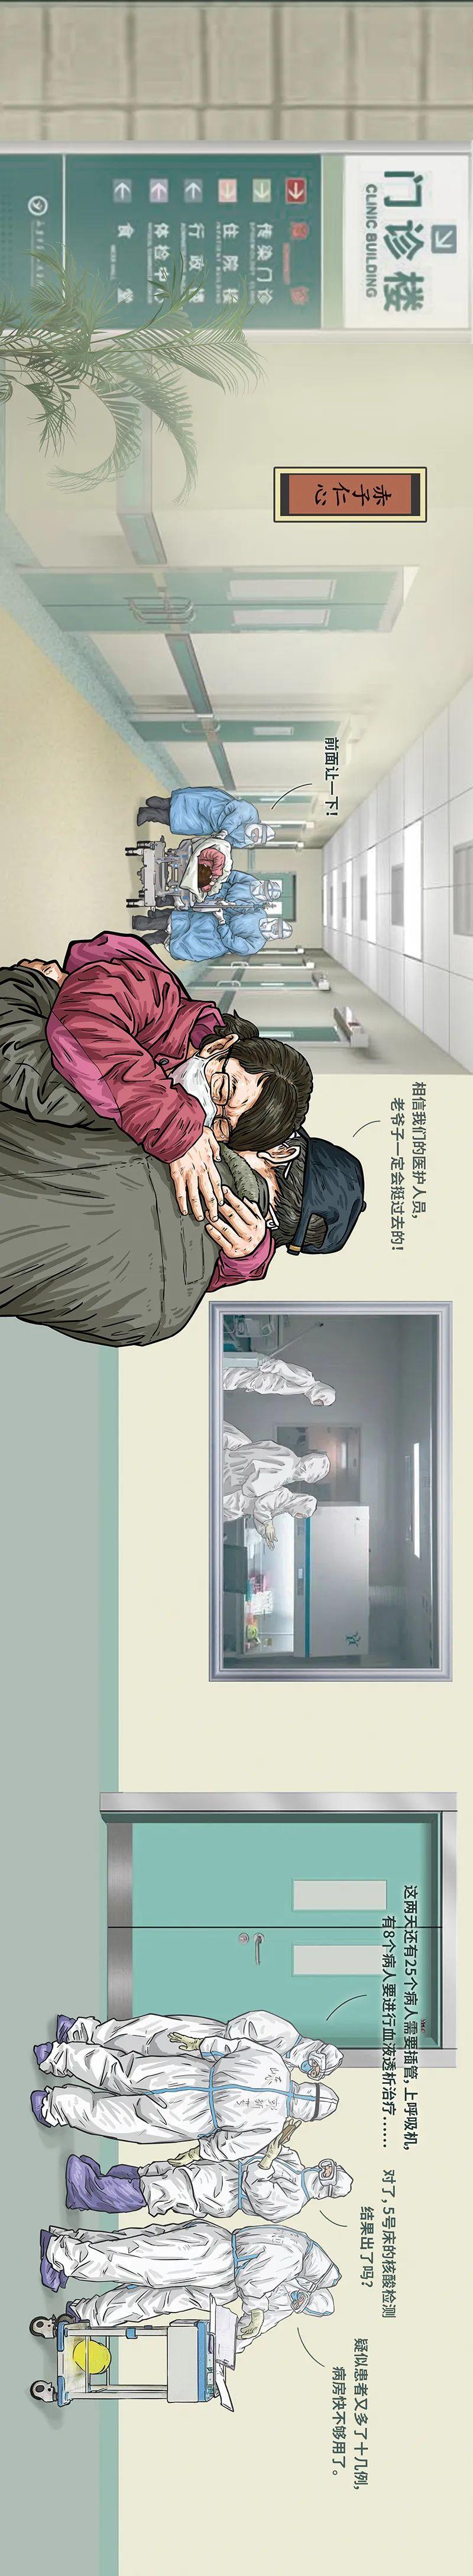 人民日报公布1张图片,感动国人!插图29